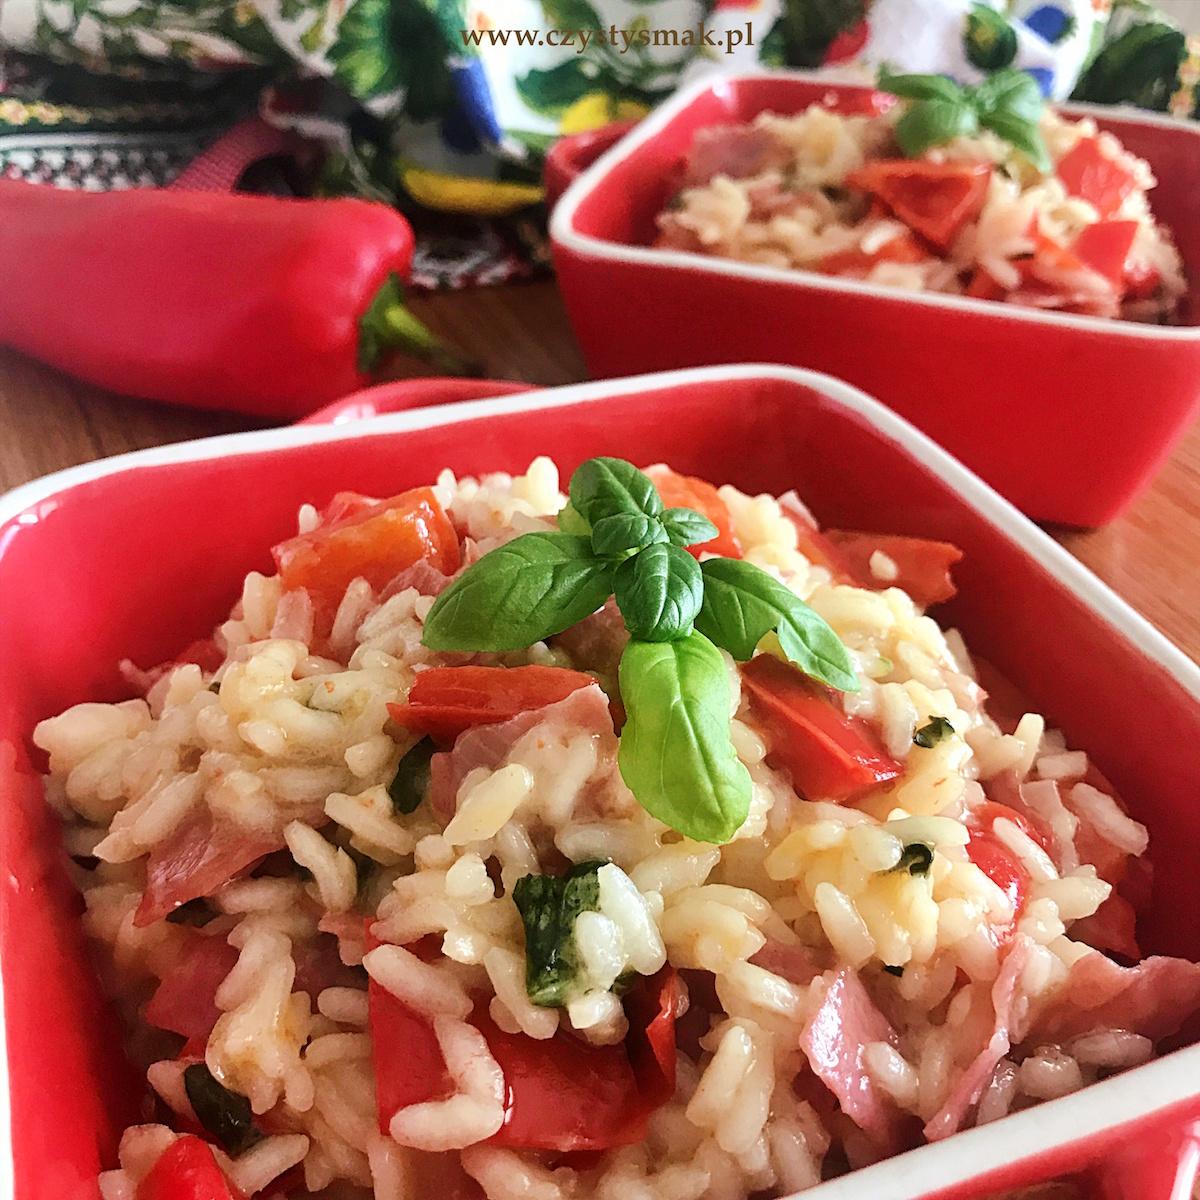 Risotto z ryżu carnaroli